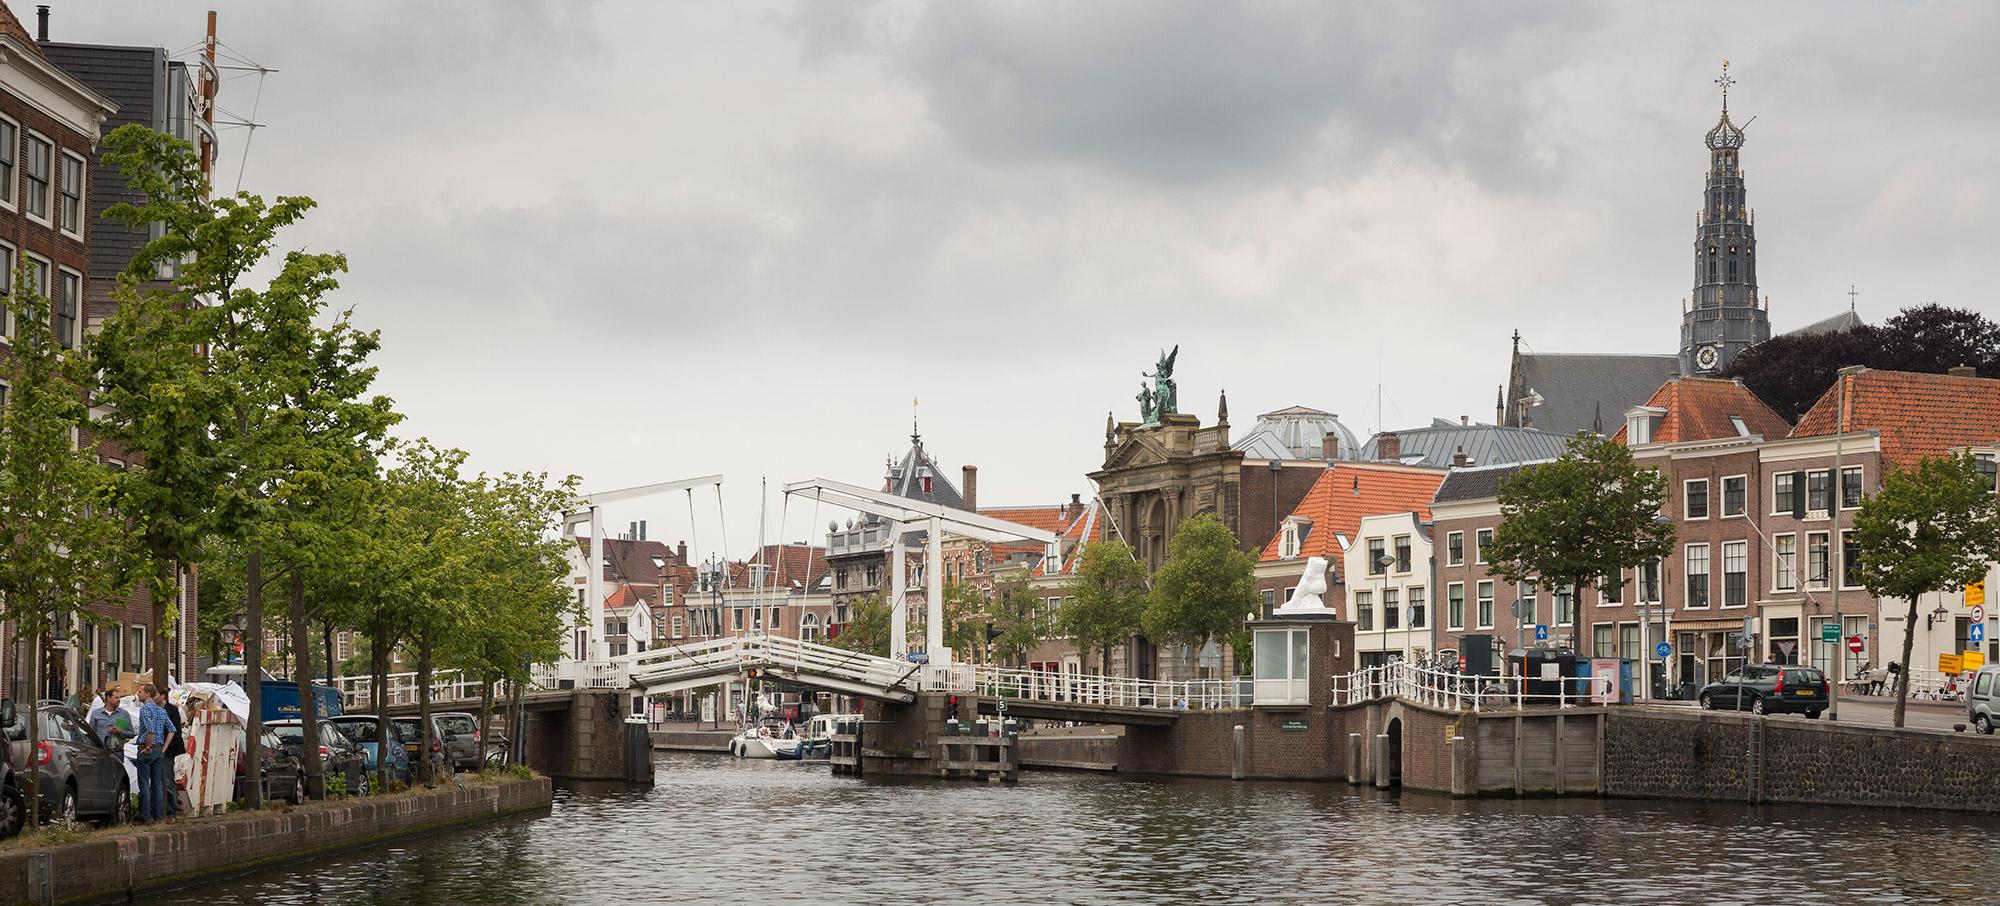 fotografie cursus workshop Haarlem